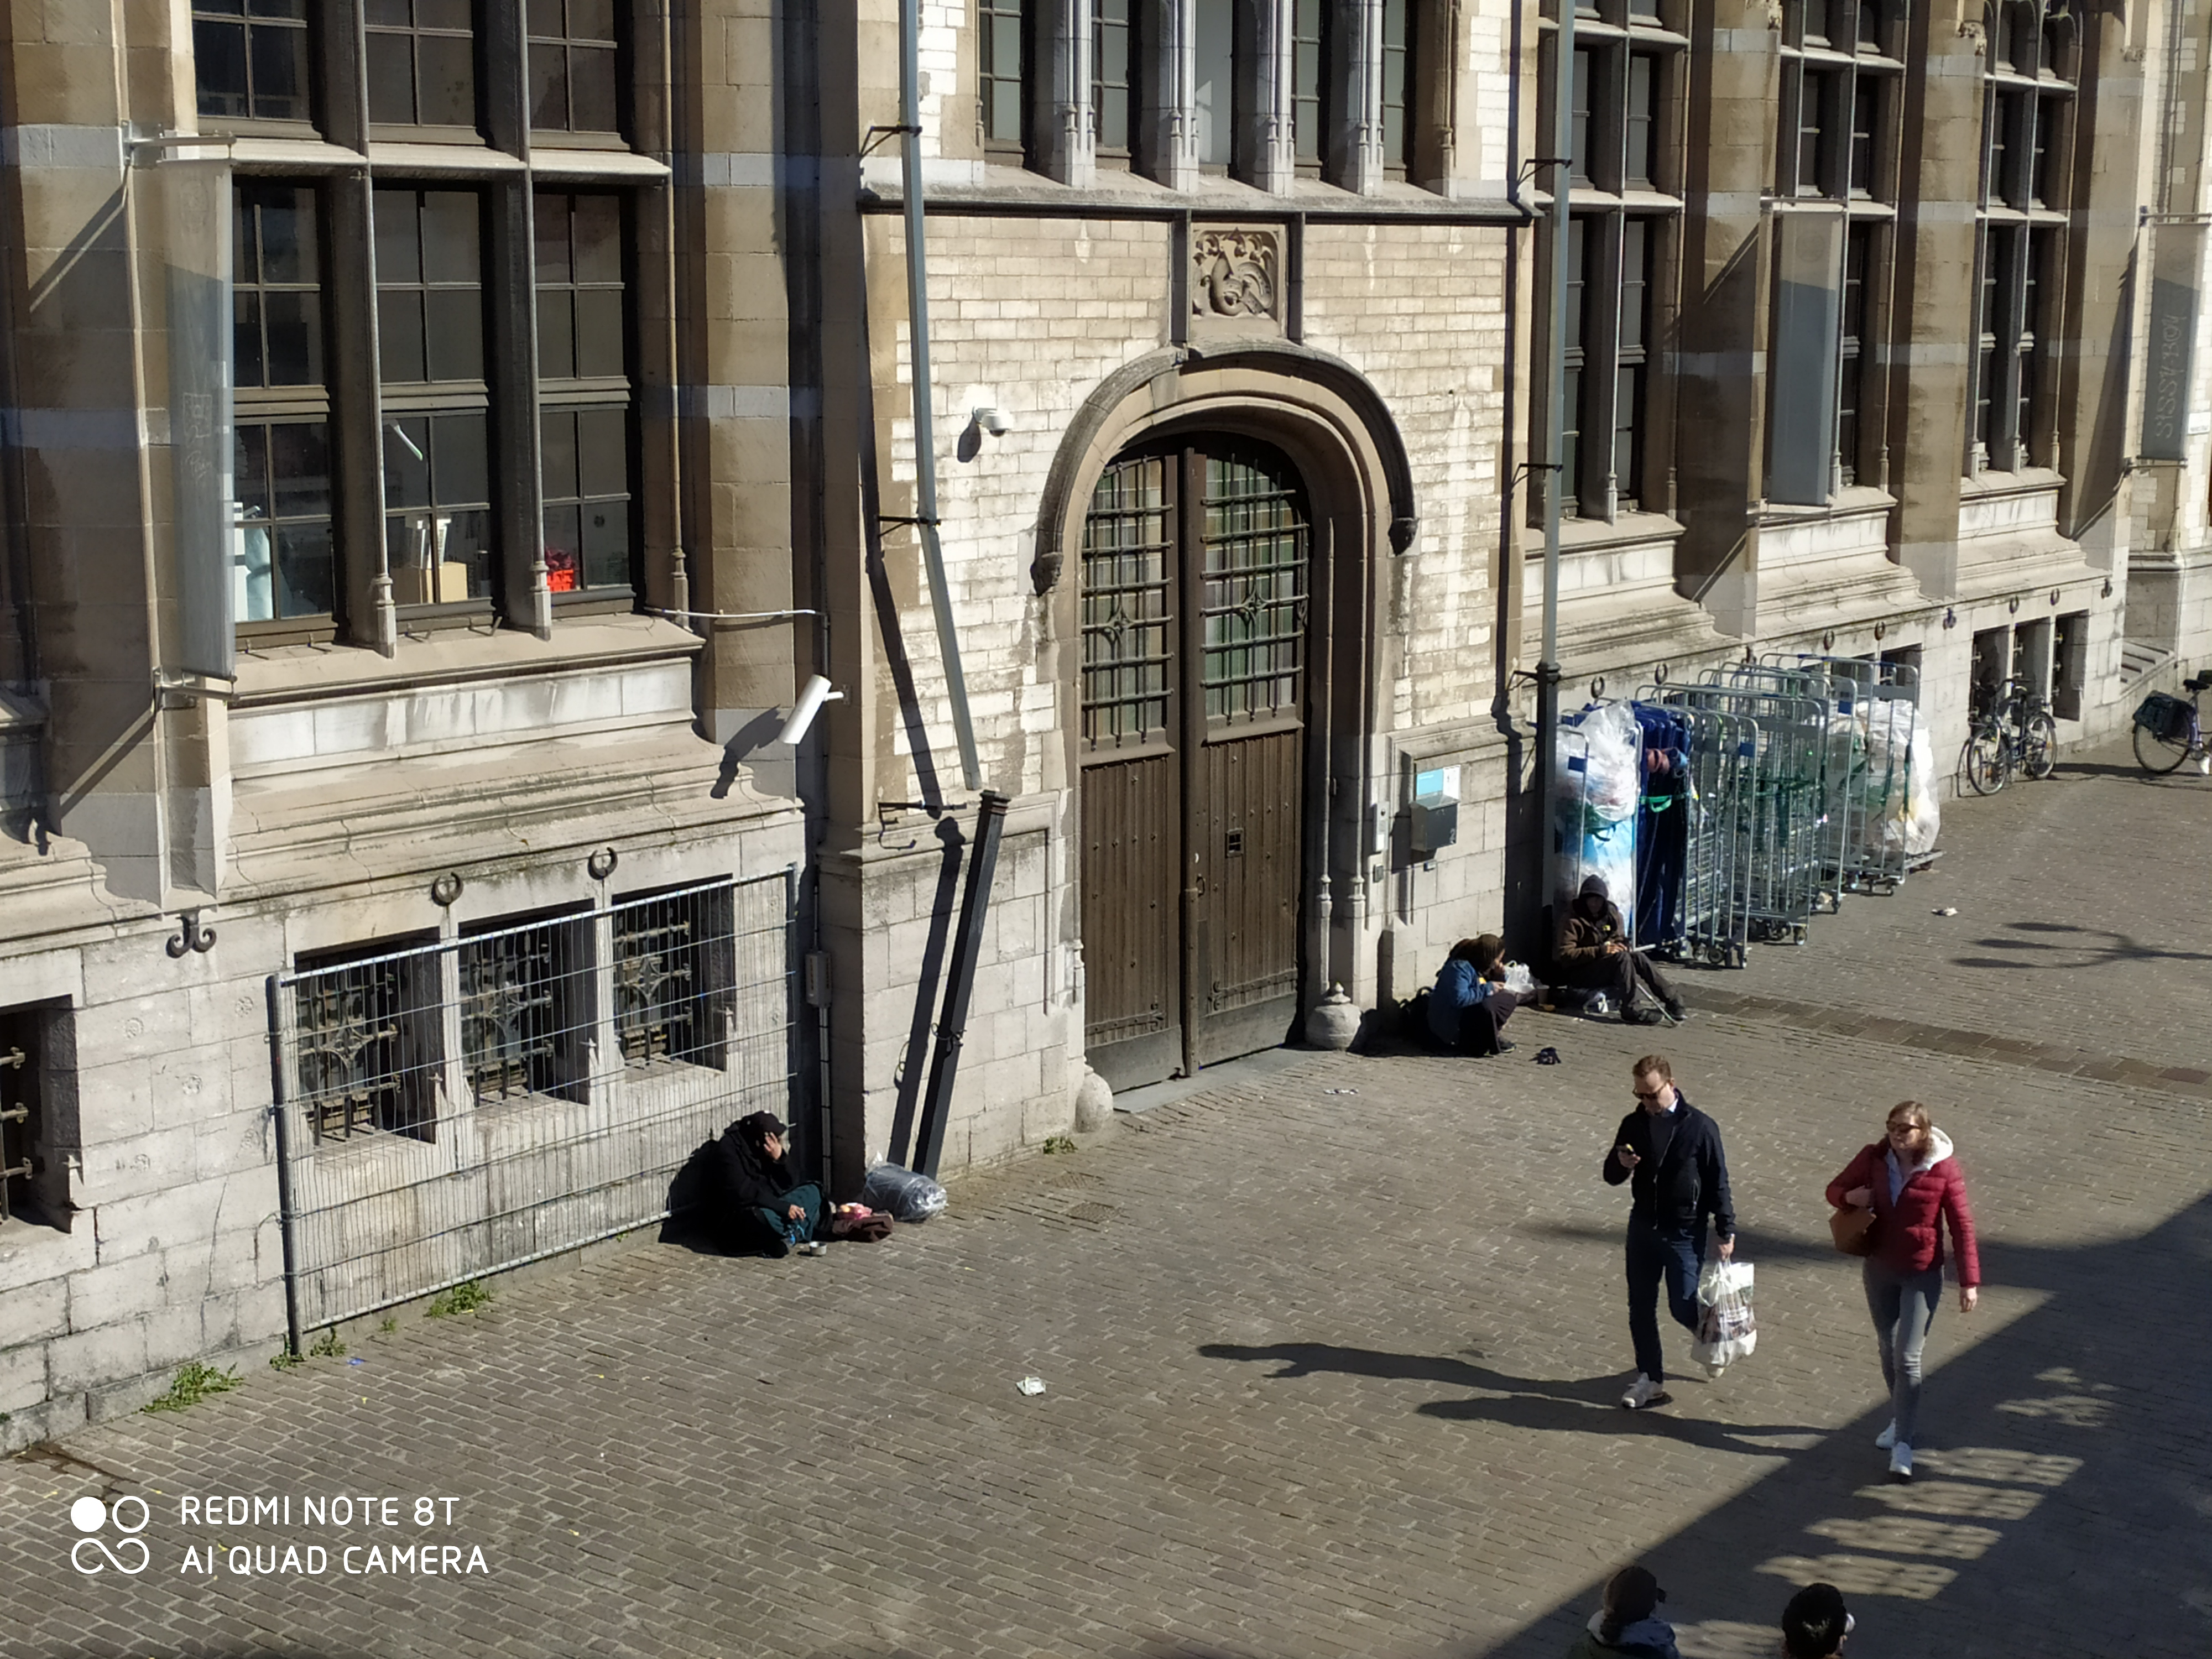 Pakhuisstraat